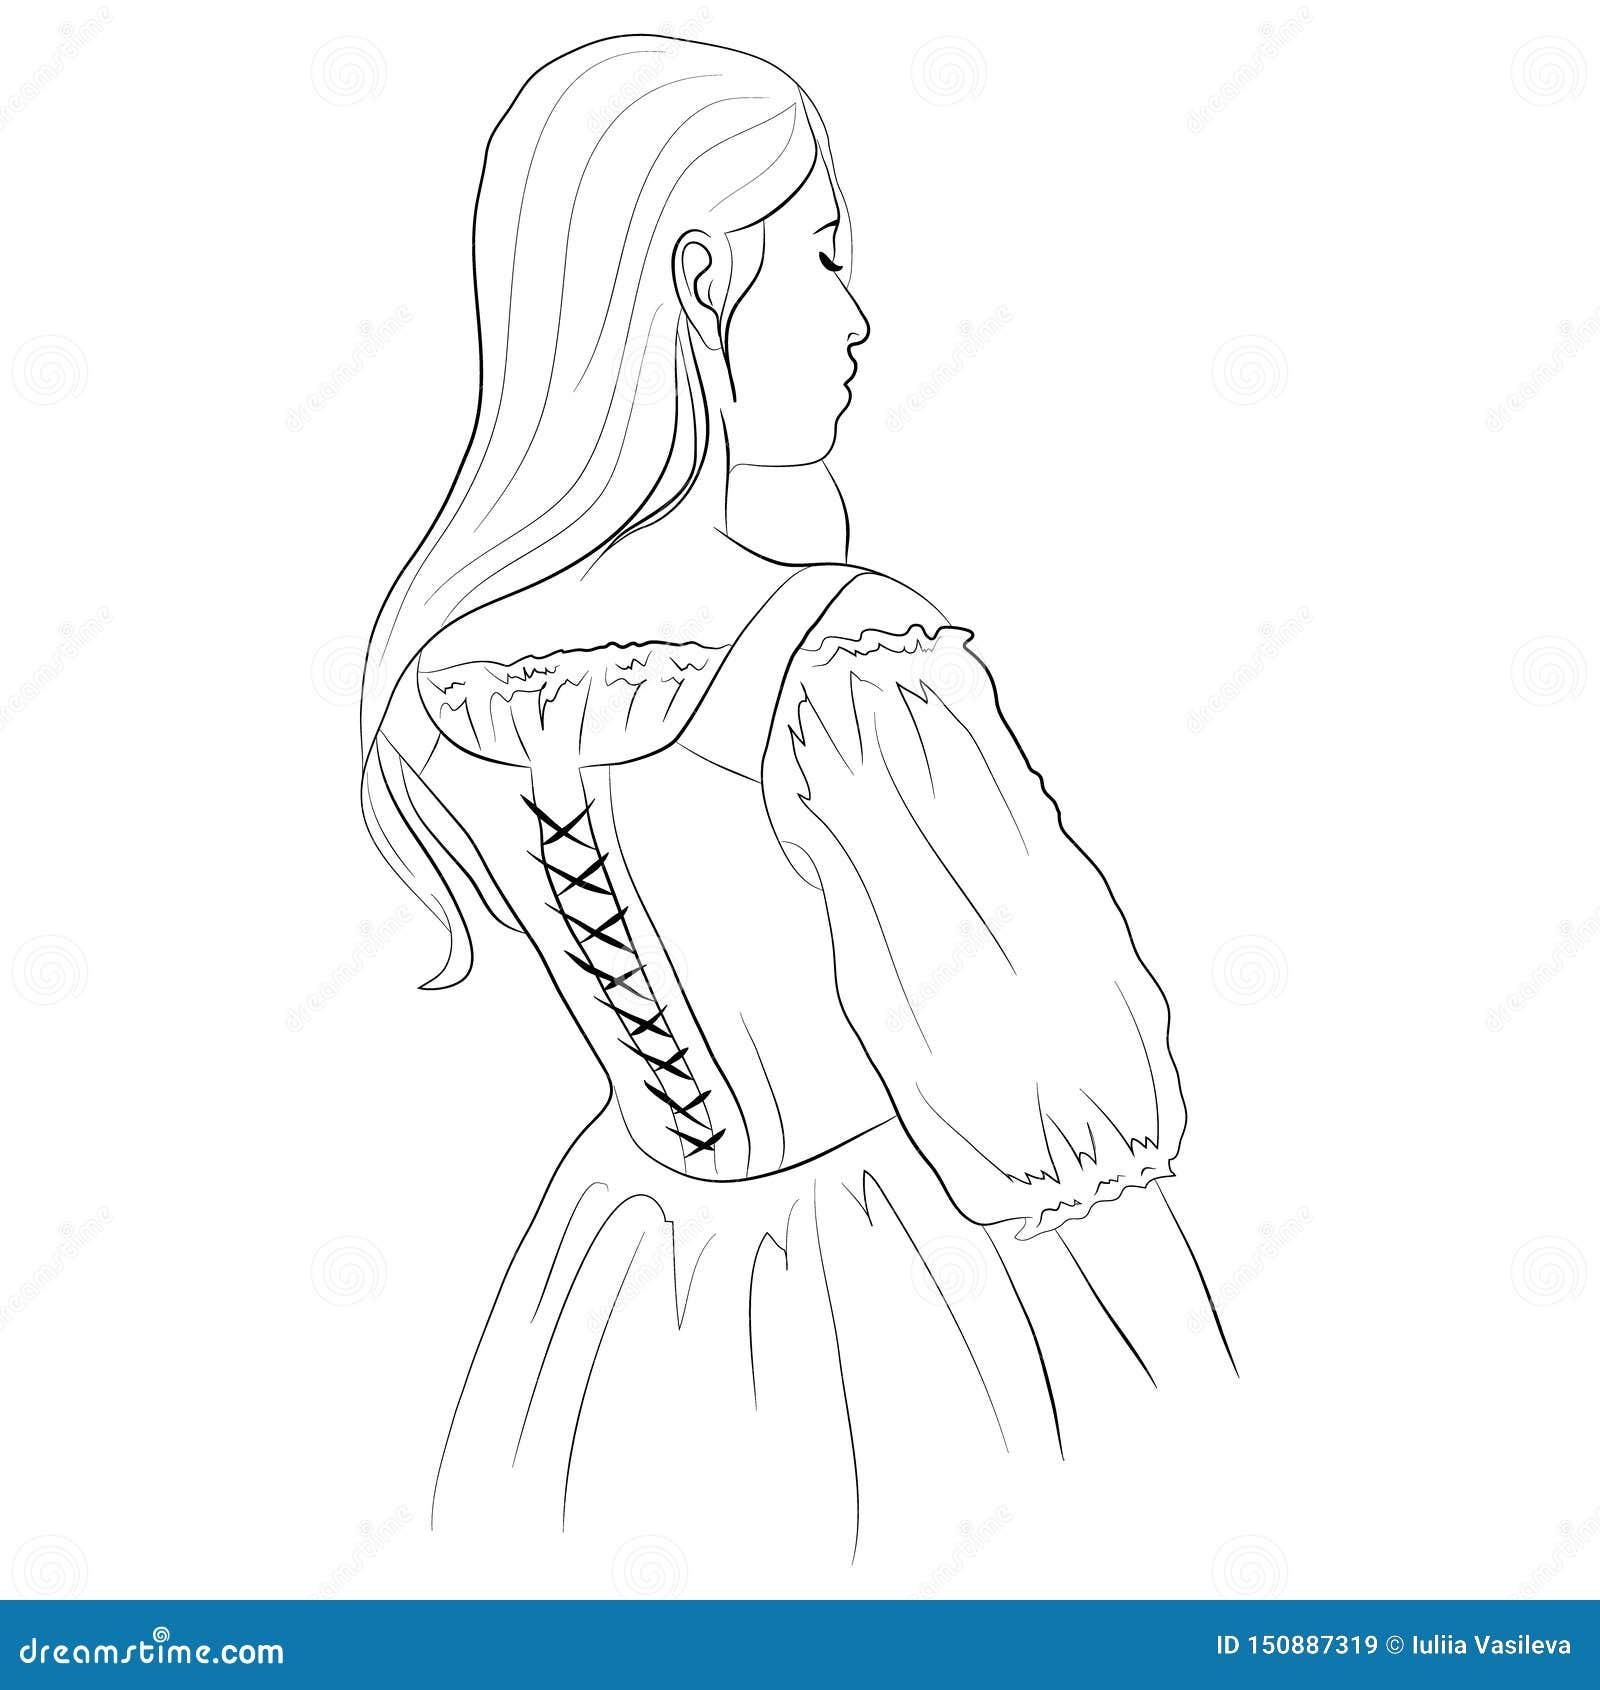 Vectorillustratie van een jong meisje die in een korset met stromend haar achteruitgaan